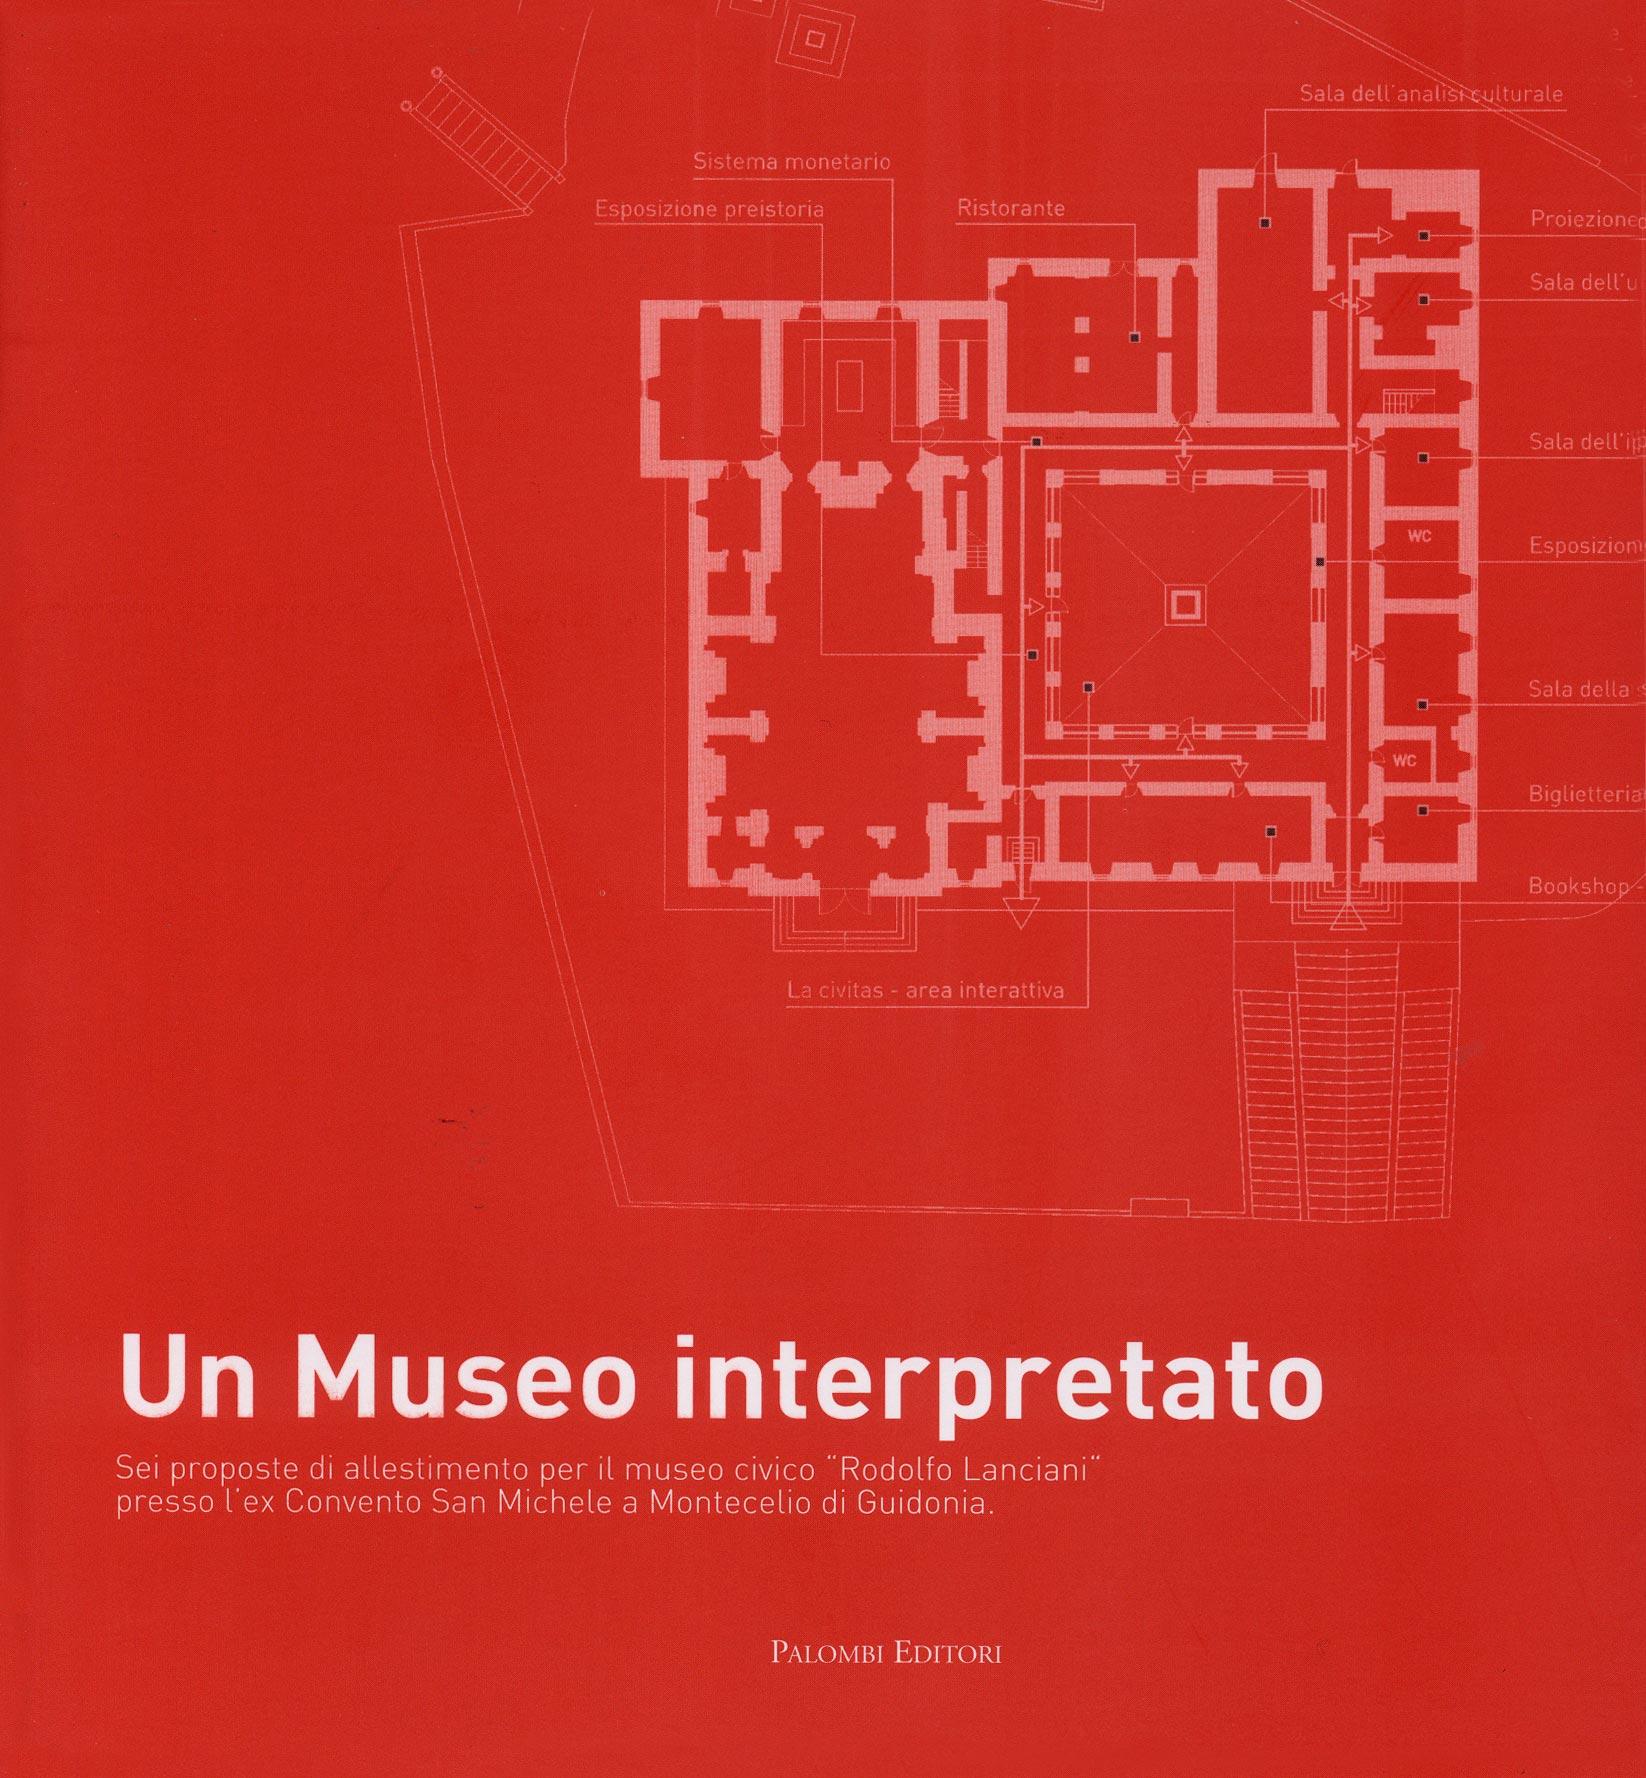 Salvi, Stefano (2013) (a cura di), Un Museo interpretato, Roma.